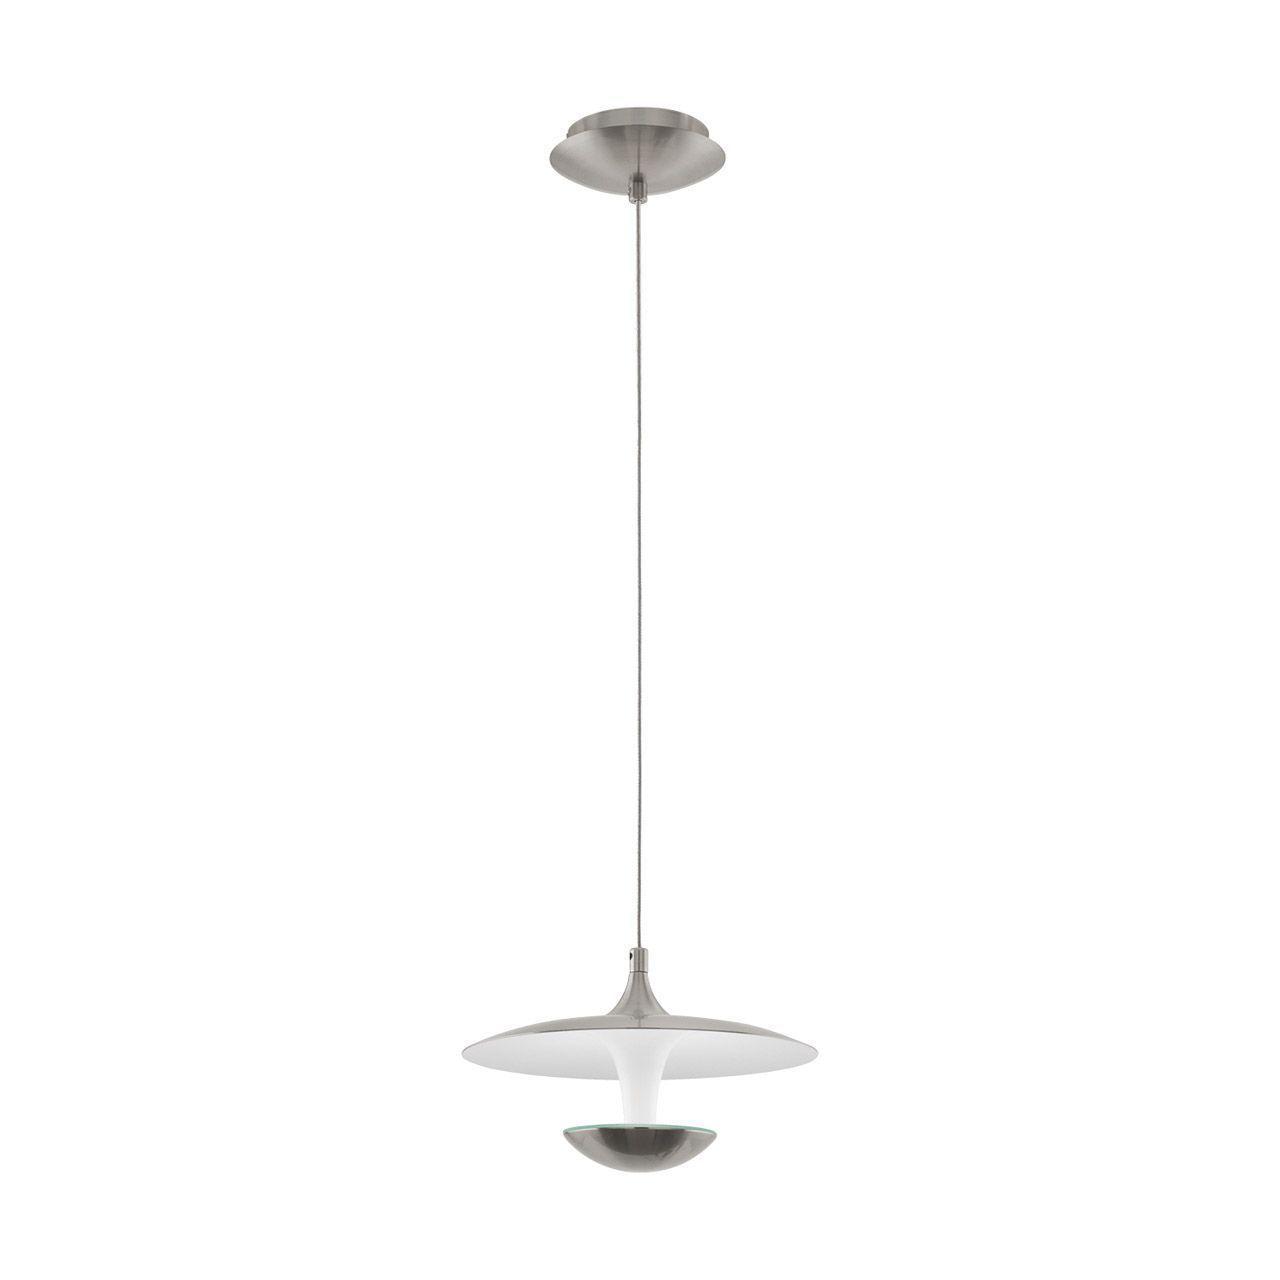 Подвесной светодиодный светильник Eglo Toronja 95955 eglo потолочный светодиодный светильник eglo toronja 95486